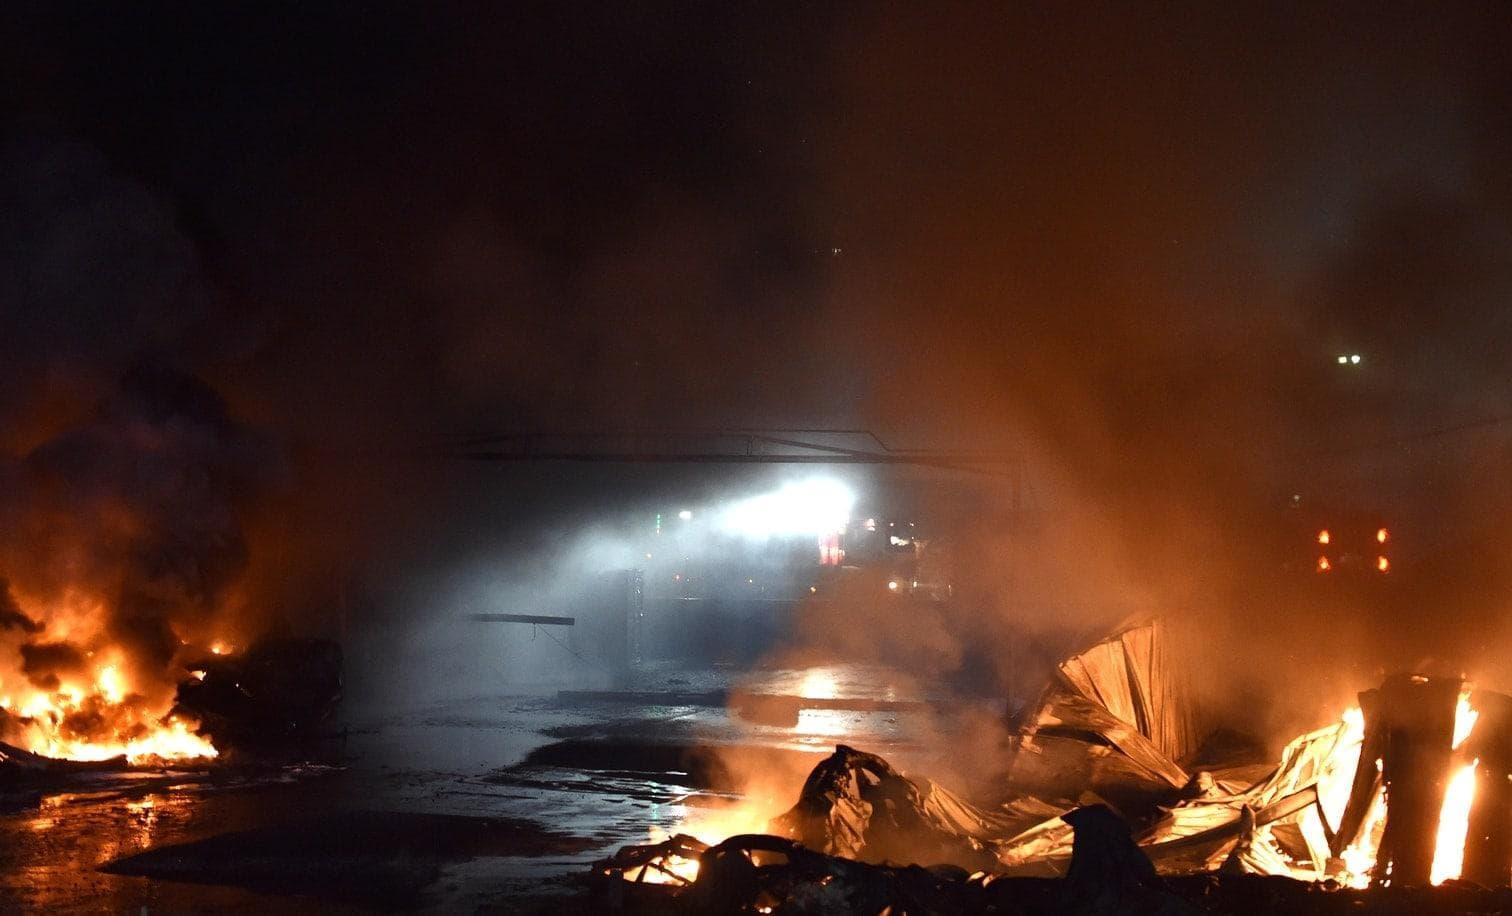 <p>Wegen eines Großbrands in einem Gewerbegebiet in Lippstadt bei Paderborn ist eine giftige Rauchwolke über der Stadt aufgestiegen.</p> Foto: dpa